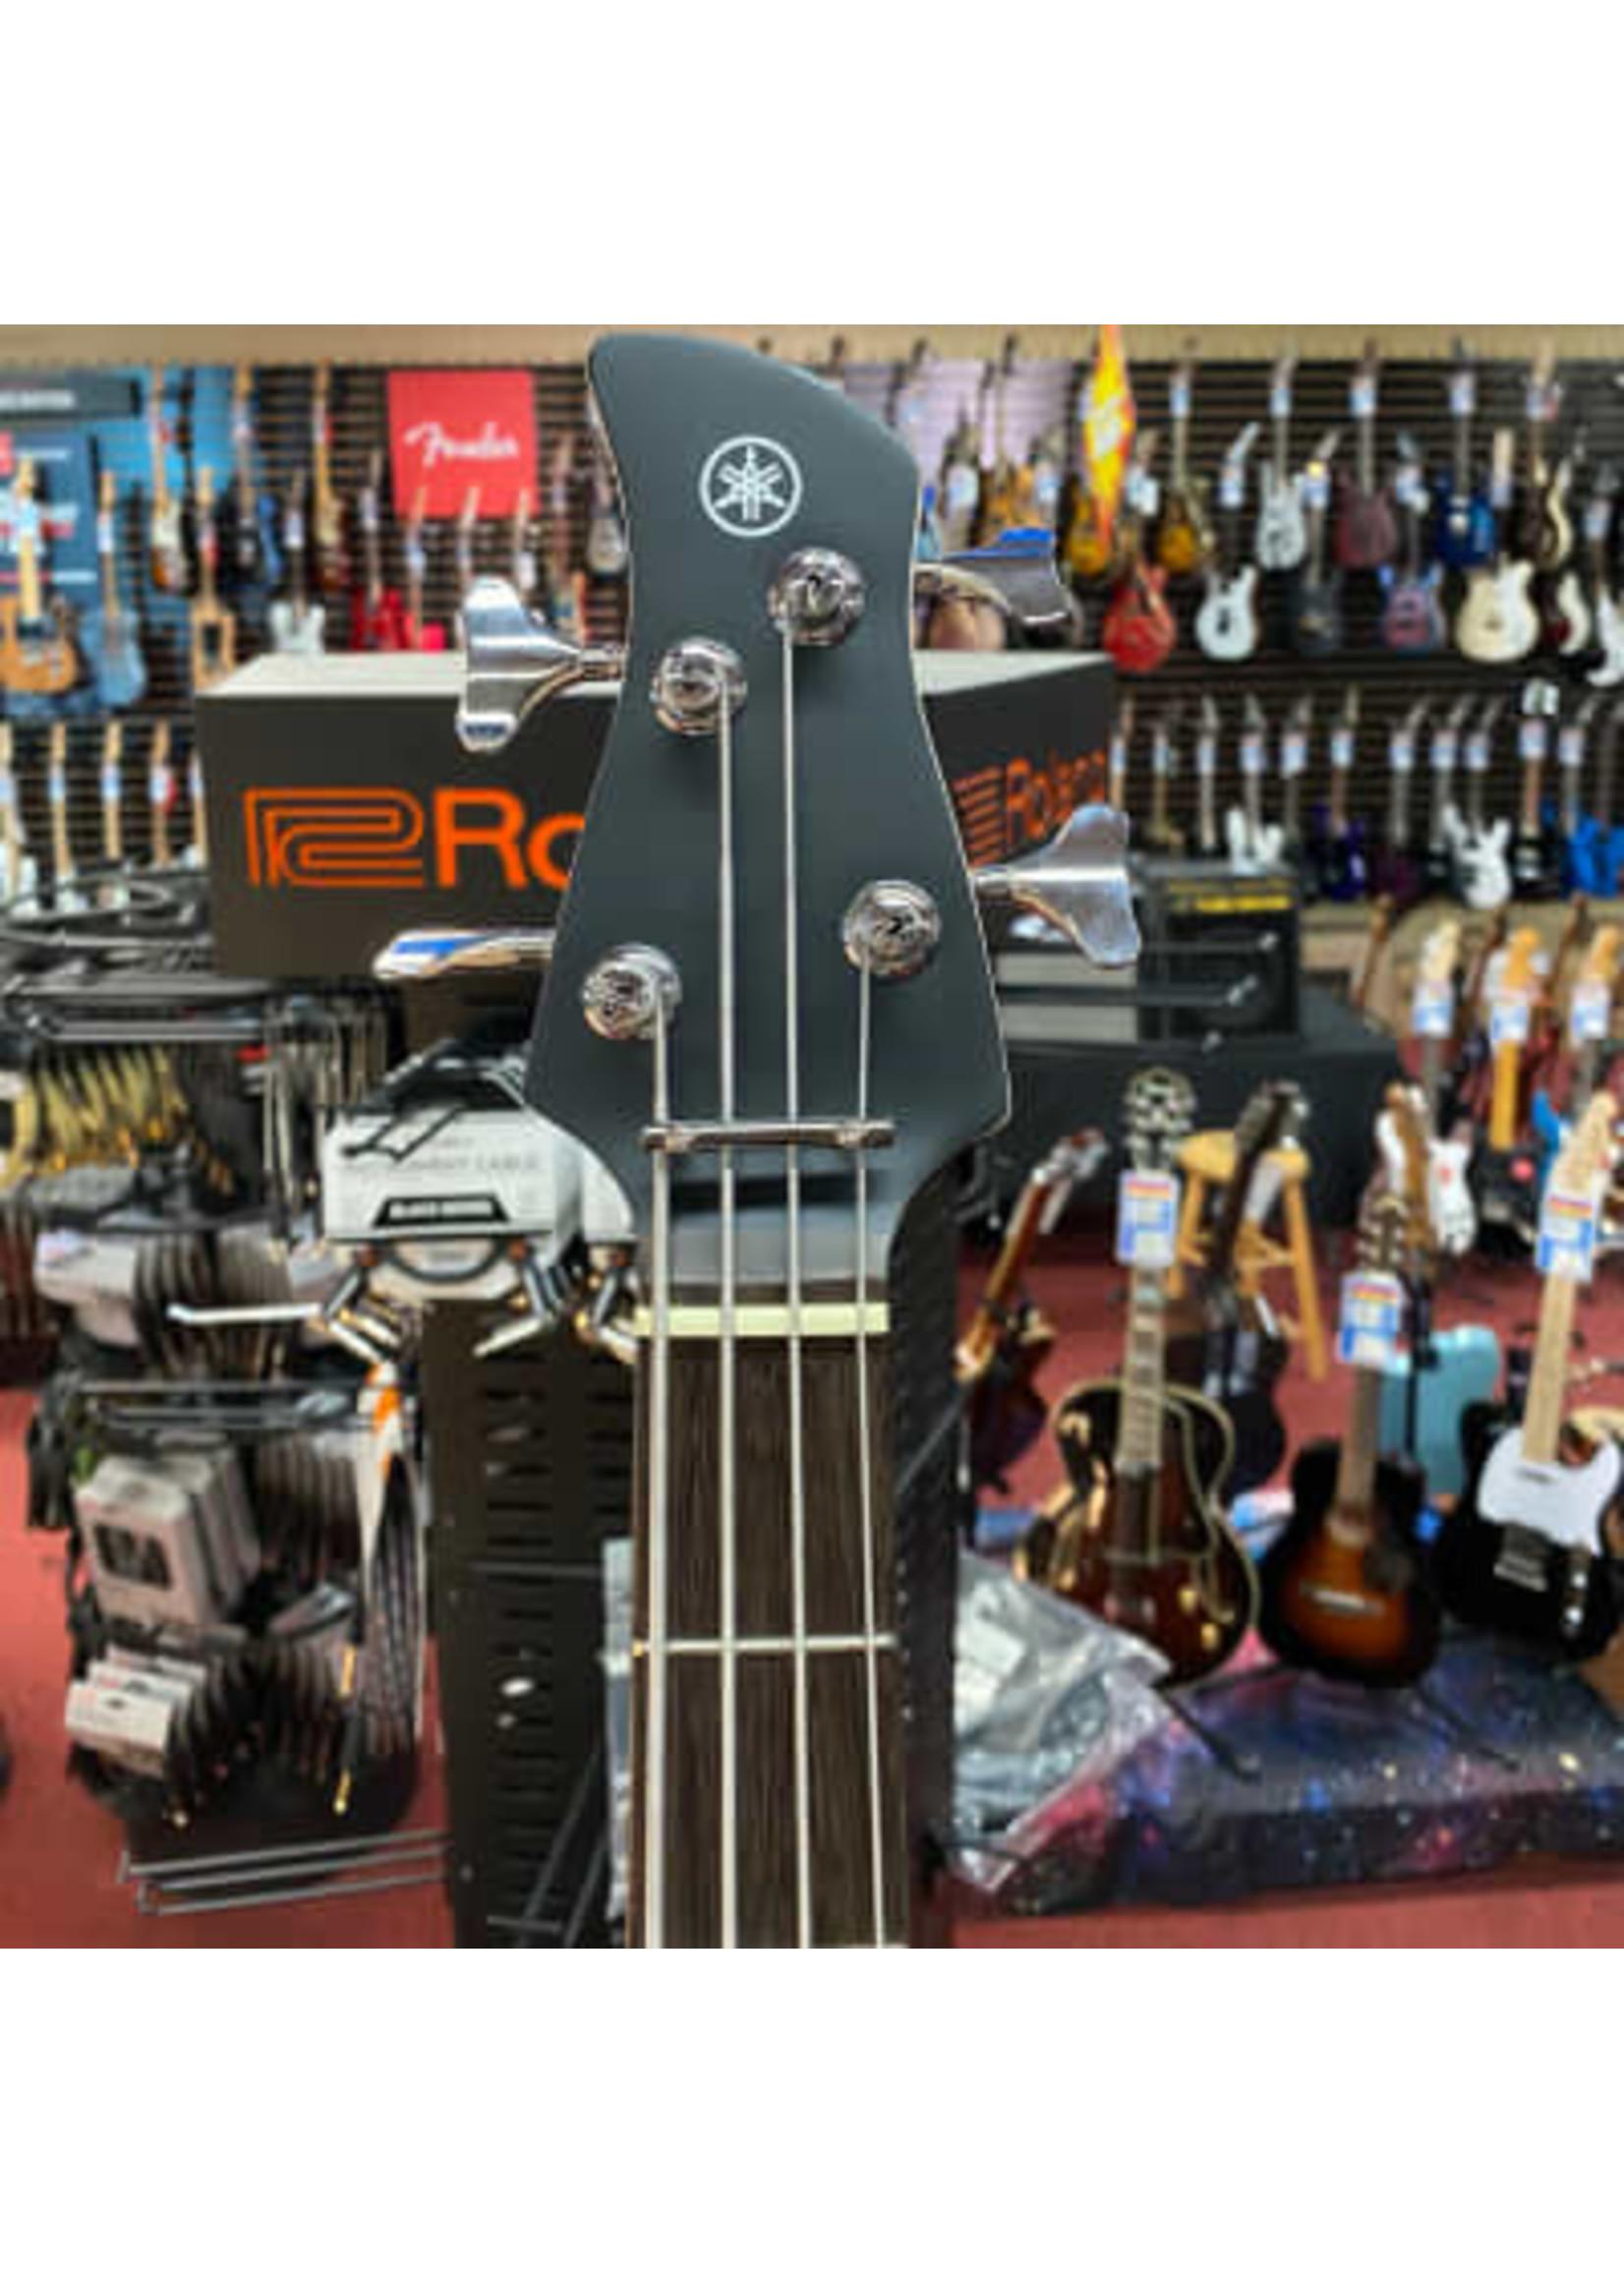 Yamaha Yamaha TRBX174 Bass Guitar - Red Metallic